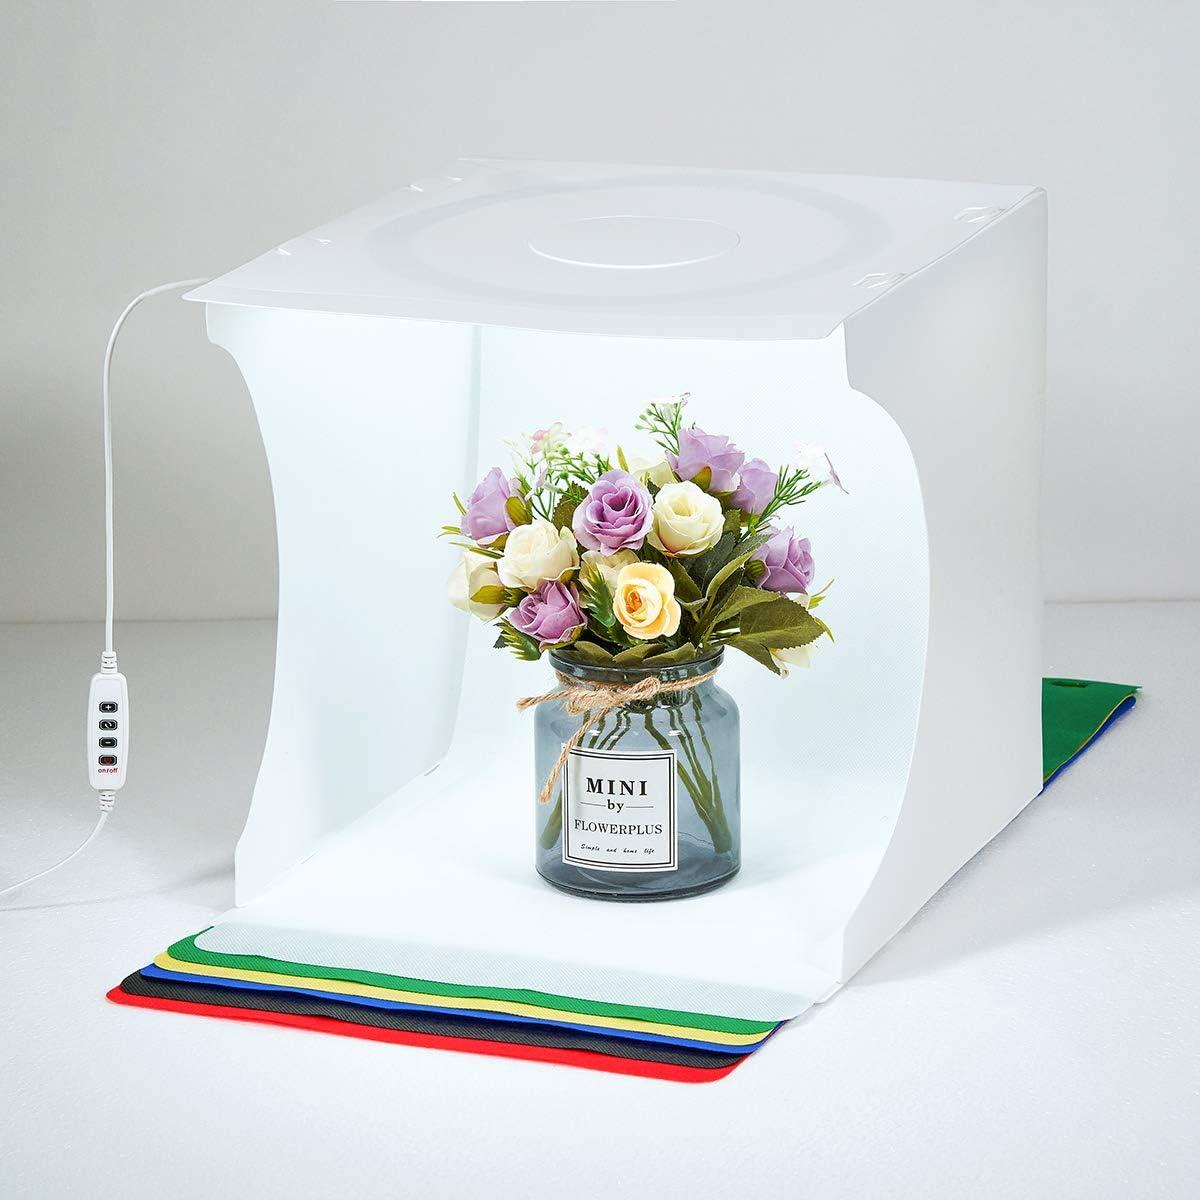 Fotolichtbox Tragbares Fotostudio Lichtzelt Schie/ßzelt-Set Faltbares Kleinprodukt Schmuck-Fotokabinen-Set Wei/ßer Soft Cube mit umschaltbaren 3-Farben-LED-Kreislichtern . 30 cm